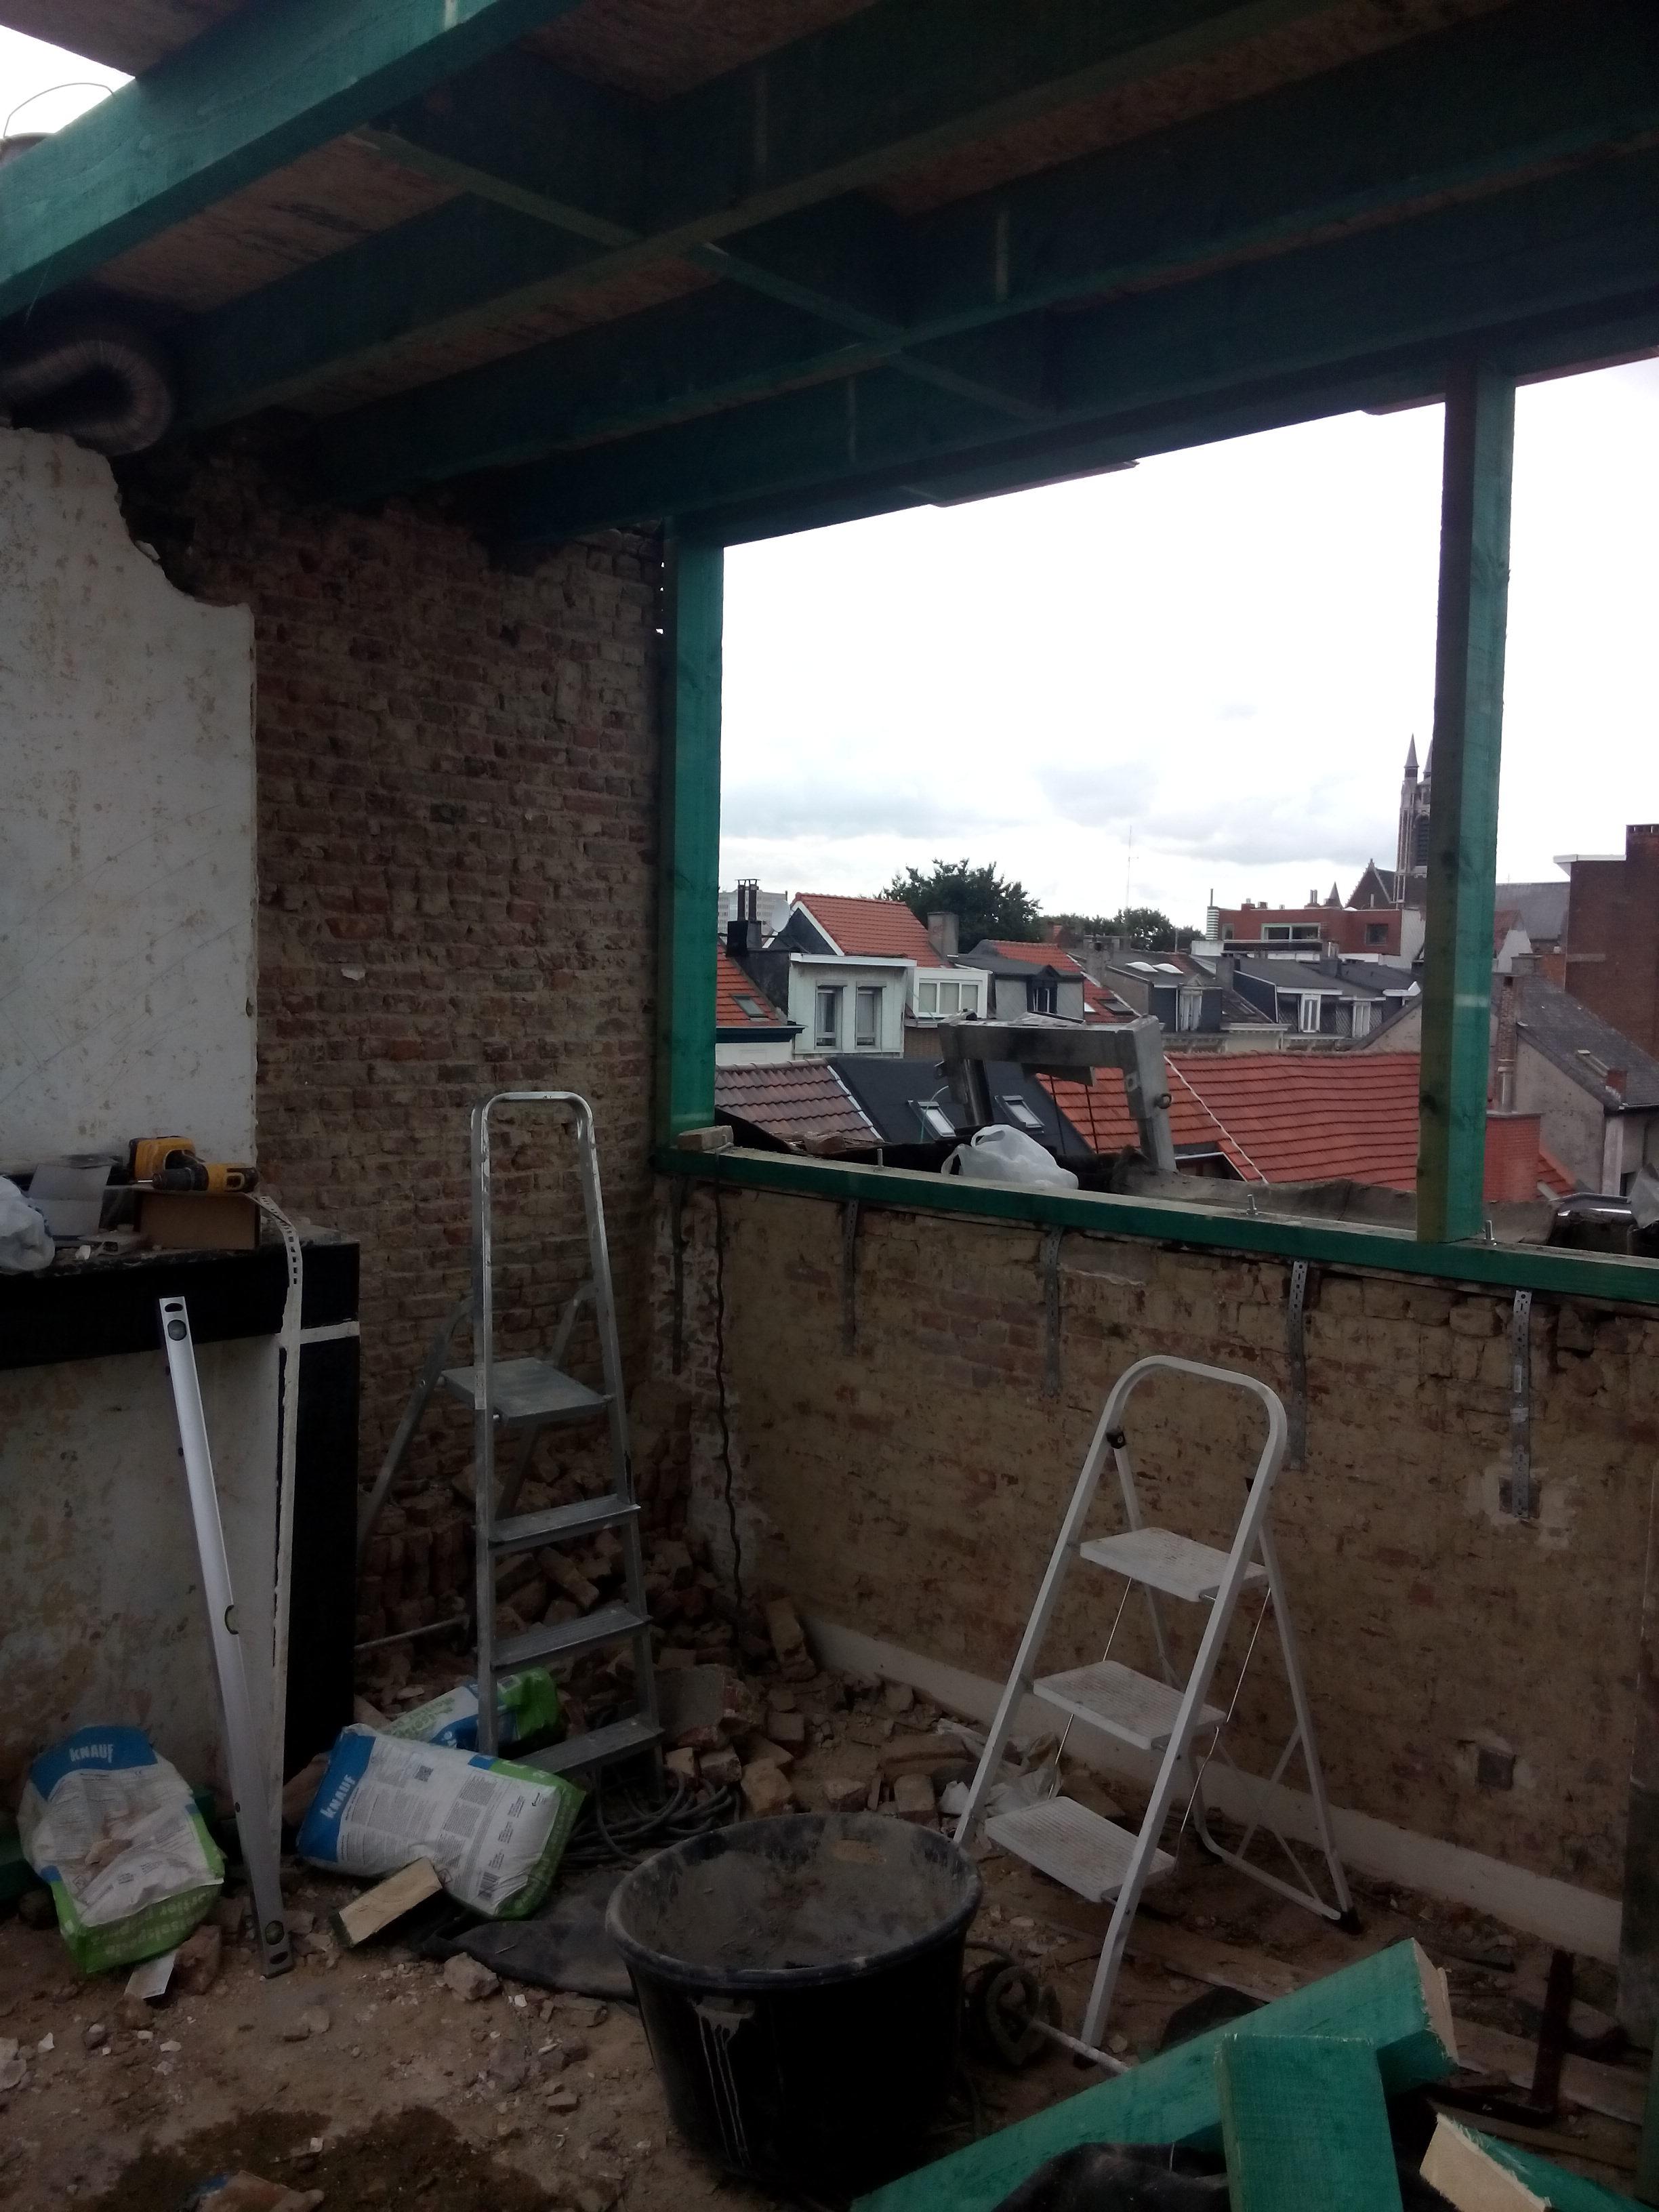 zolder opbouw dak vooraan